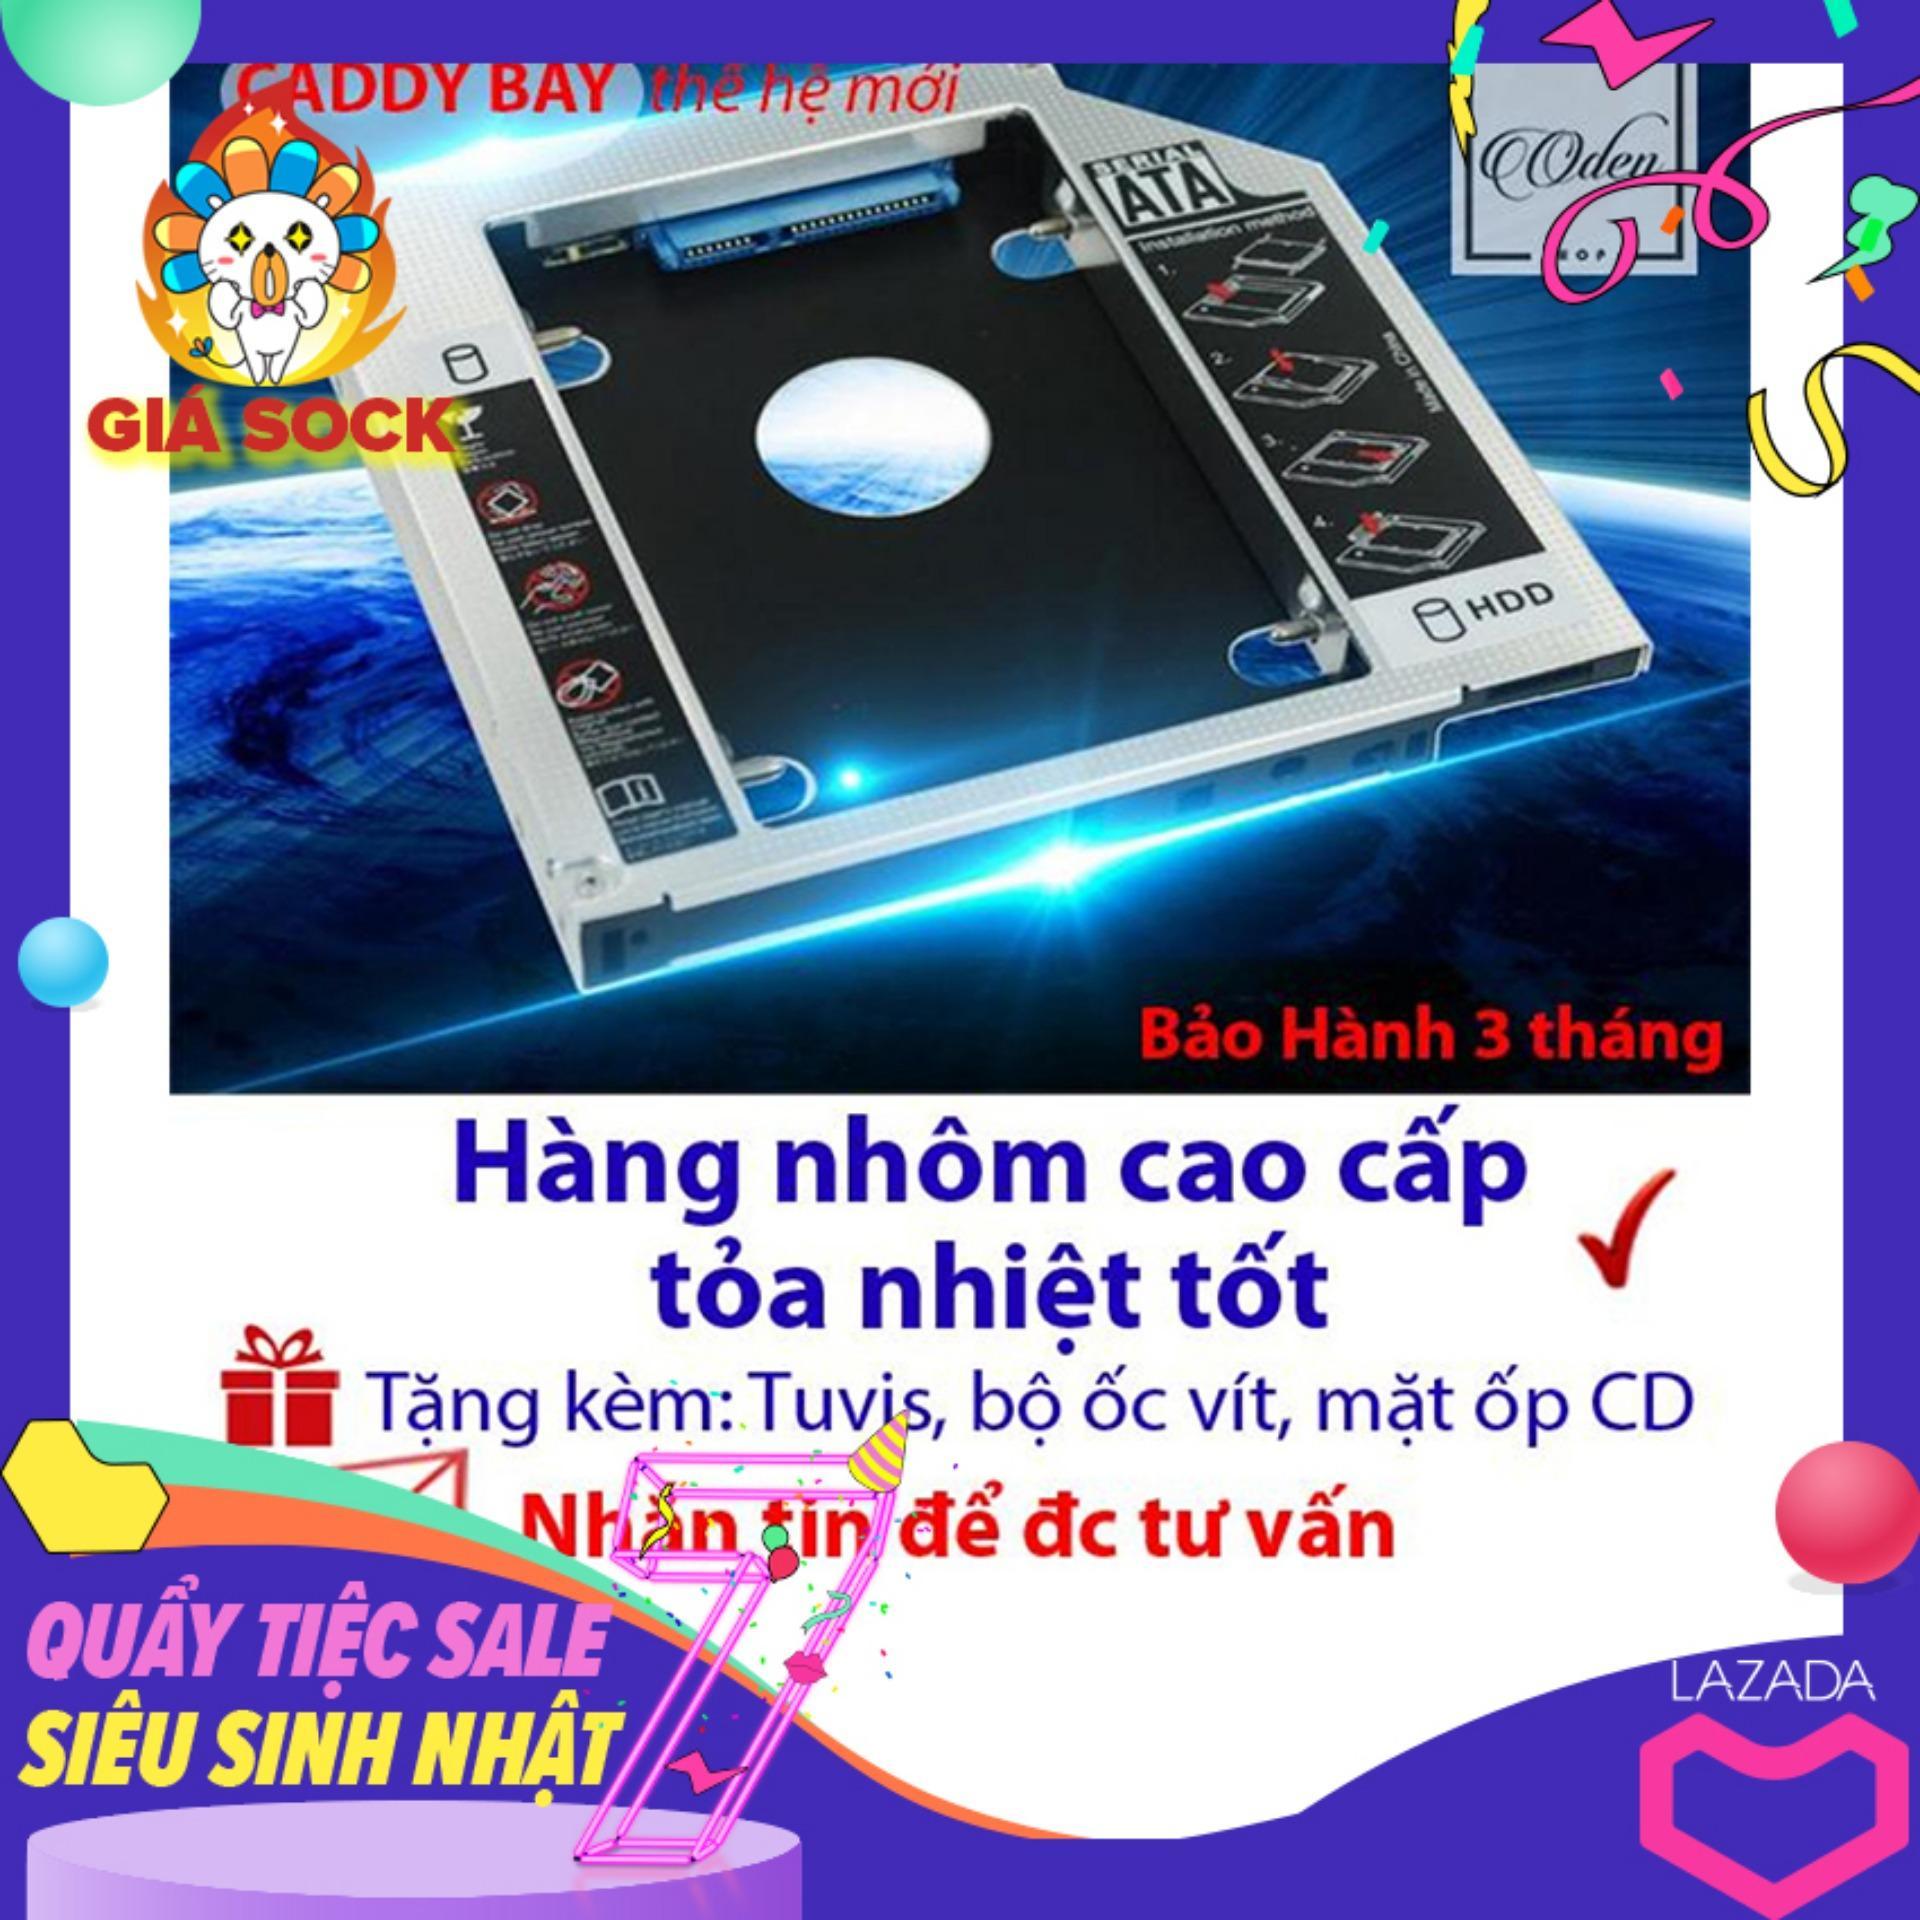 Khay gắn HDD/SSD cổng DVD - Caddy Bay SATA gắn thêm ổ cứng cho Laptop 9.5mm Mỏng - oden0241